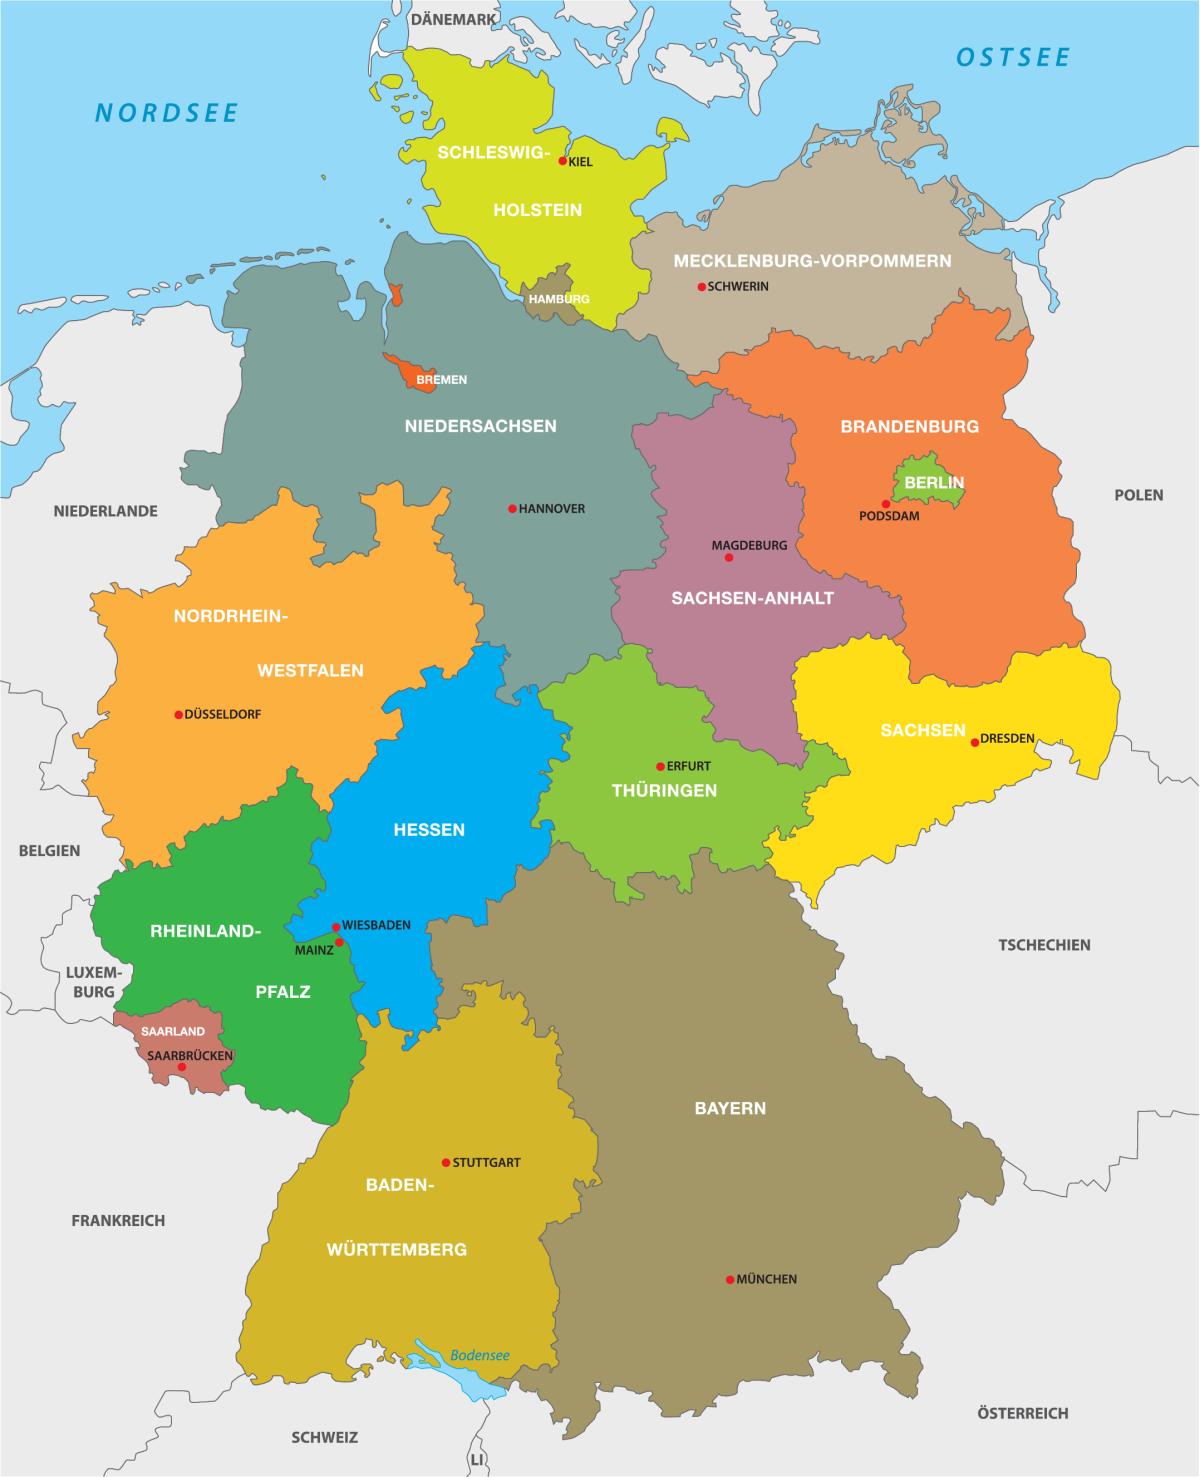 Karte der deutschen Bundesländer